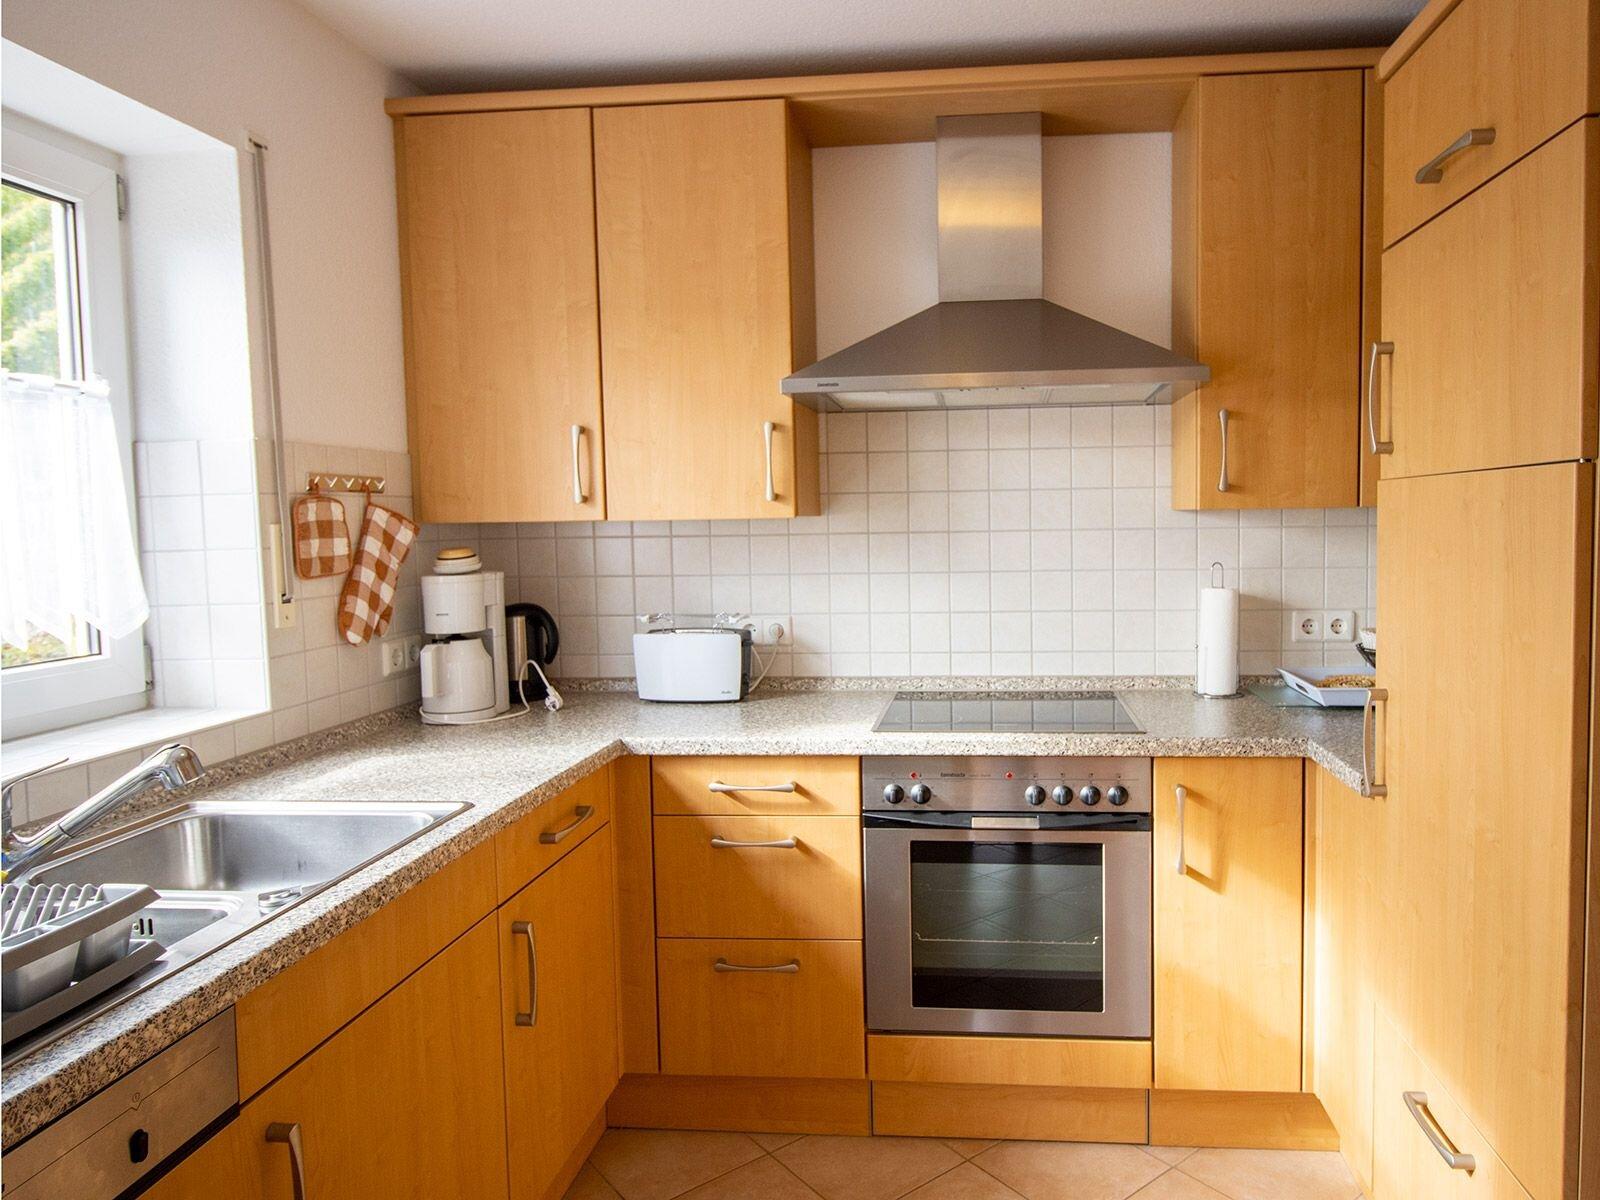 moderne Küche komplett eingerichtet